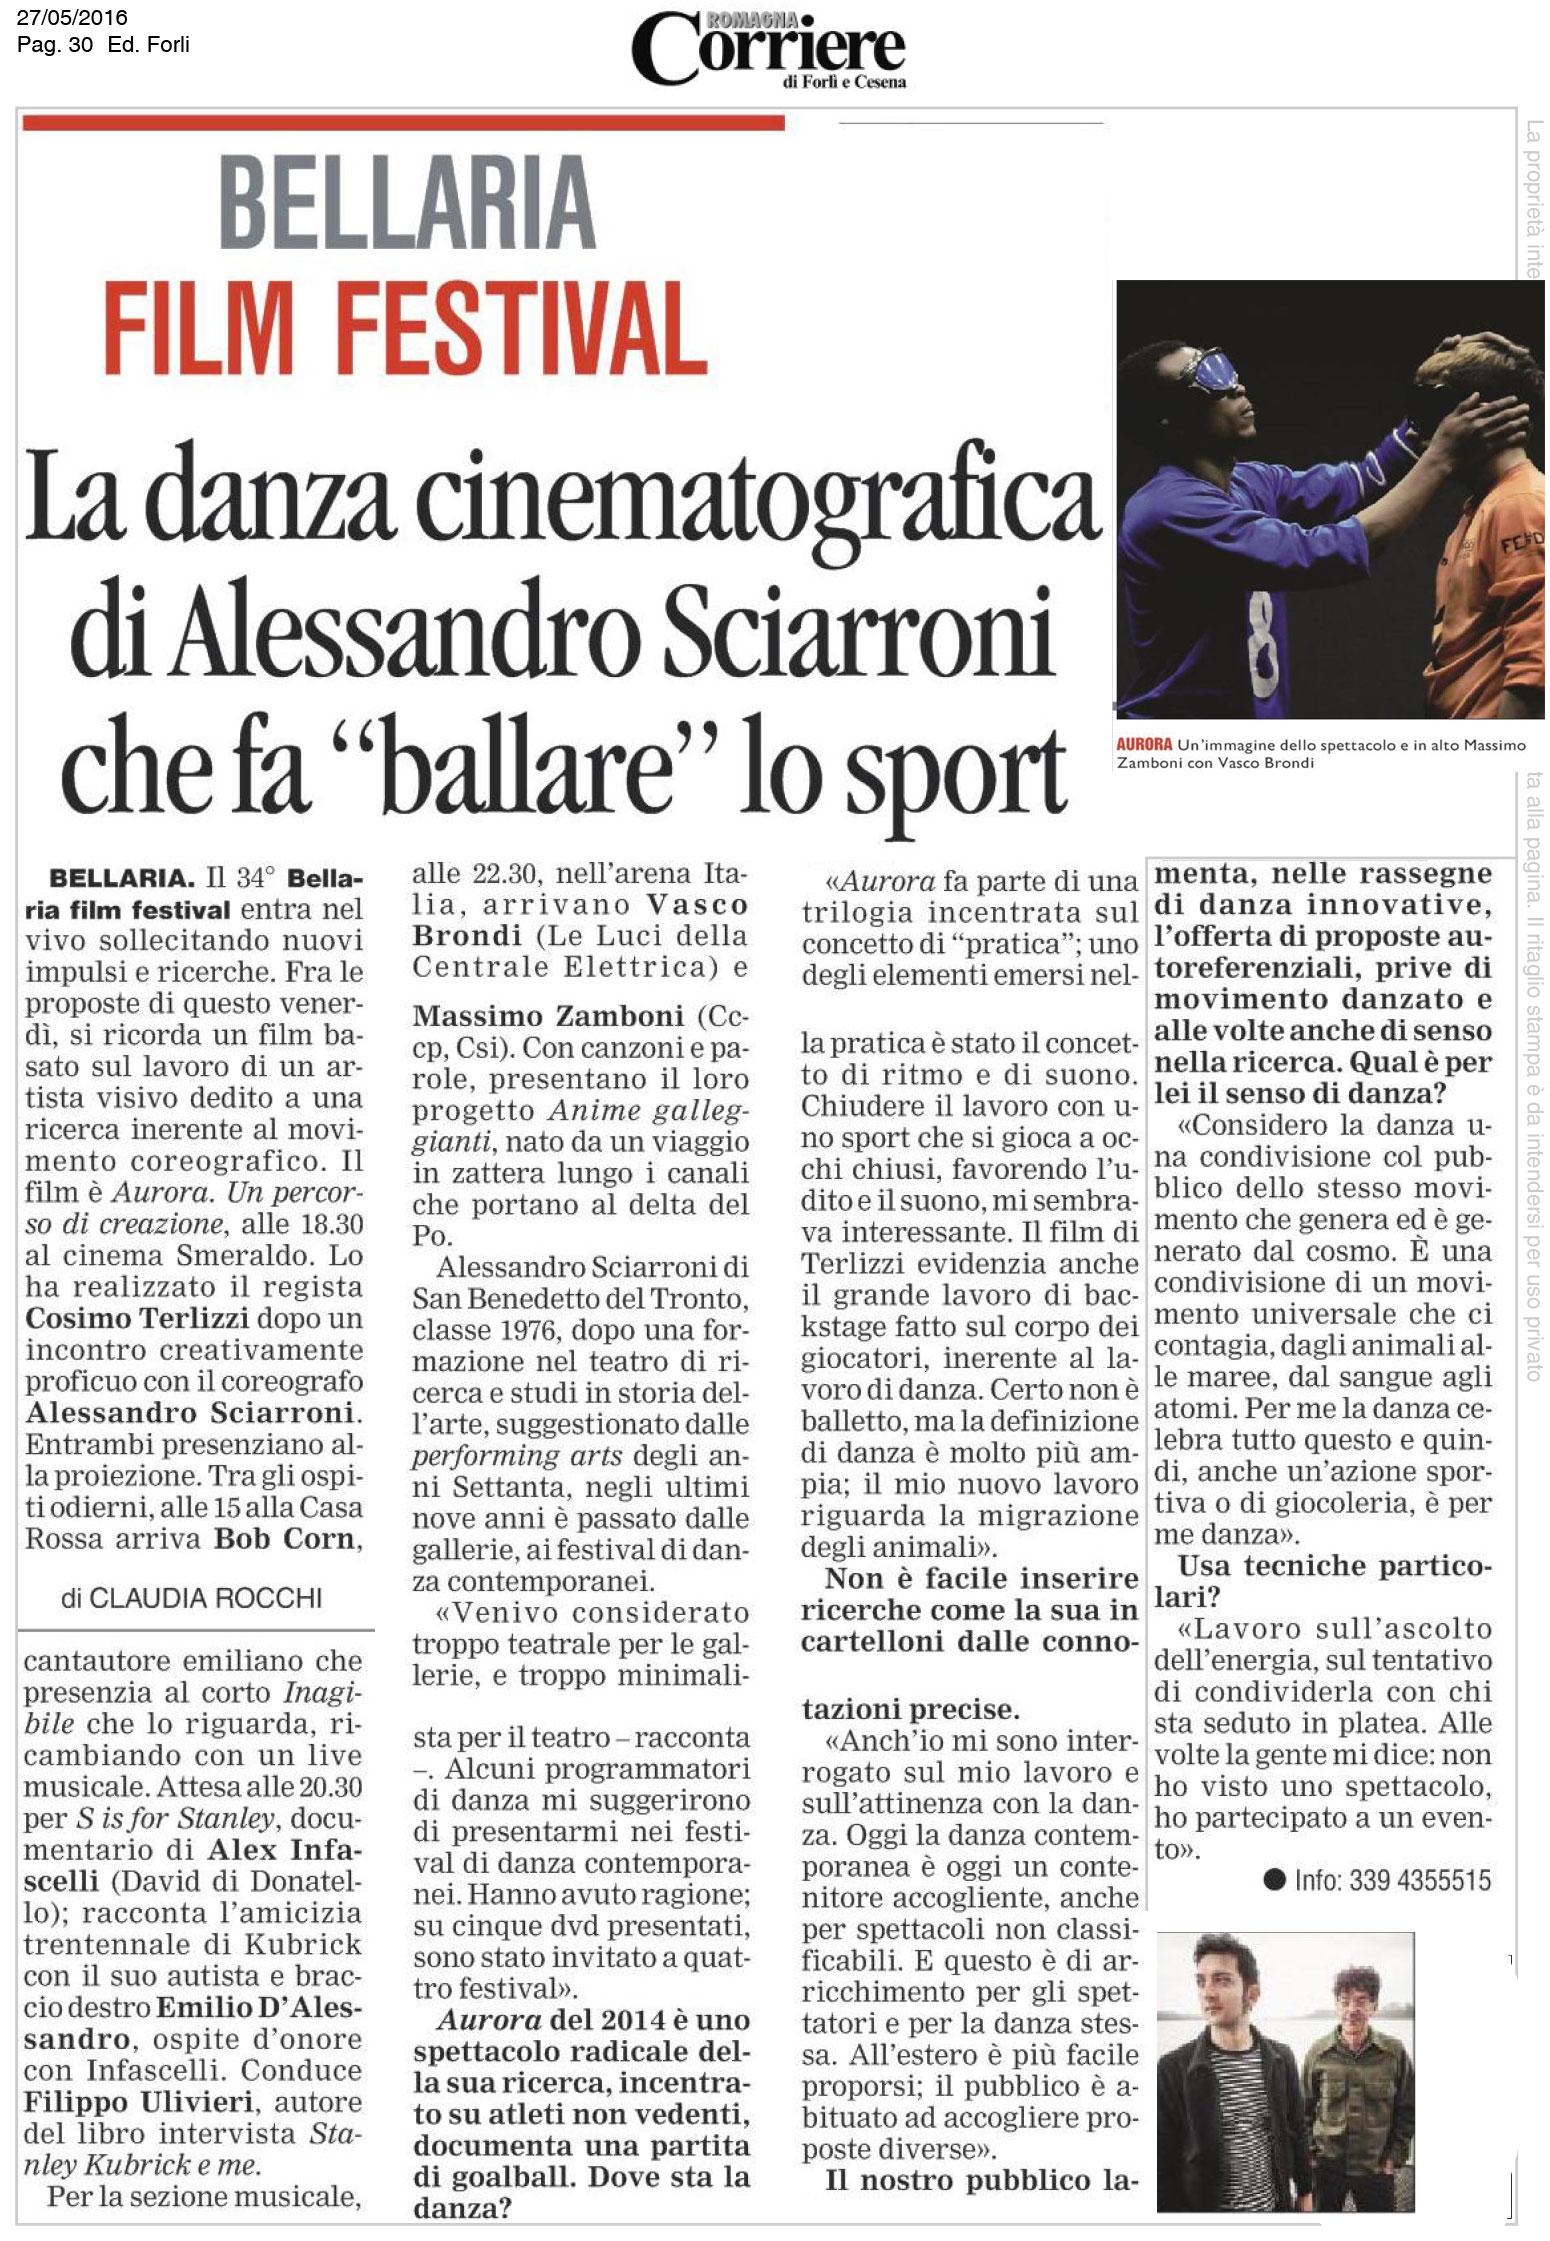 20160527_la-danza-cinematografica-di-Alessandro-Sciarroni-che-fa-ballare-lo-sport-1